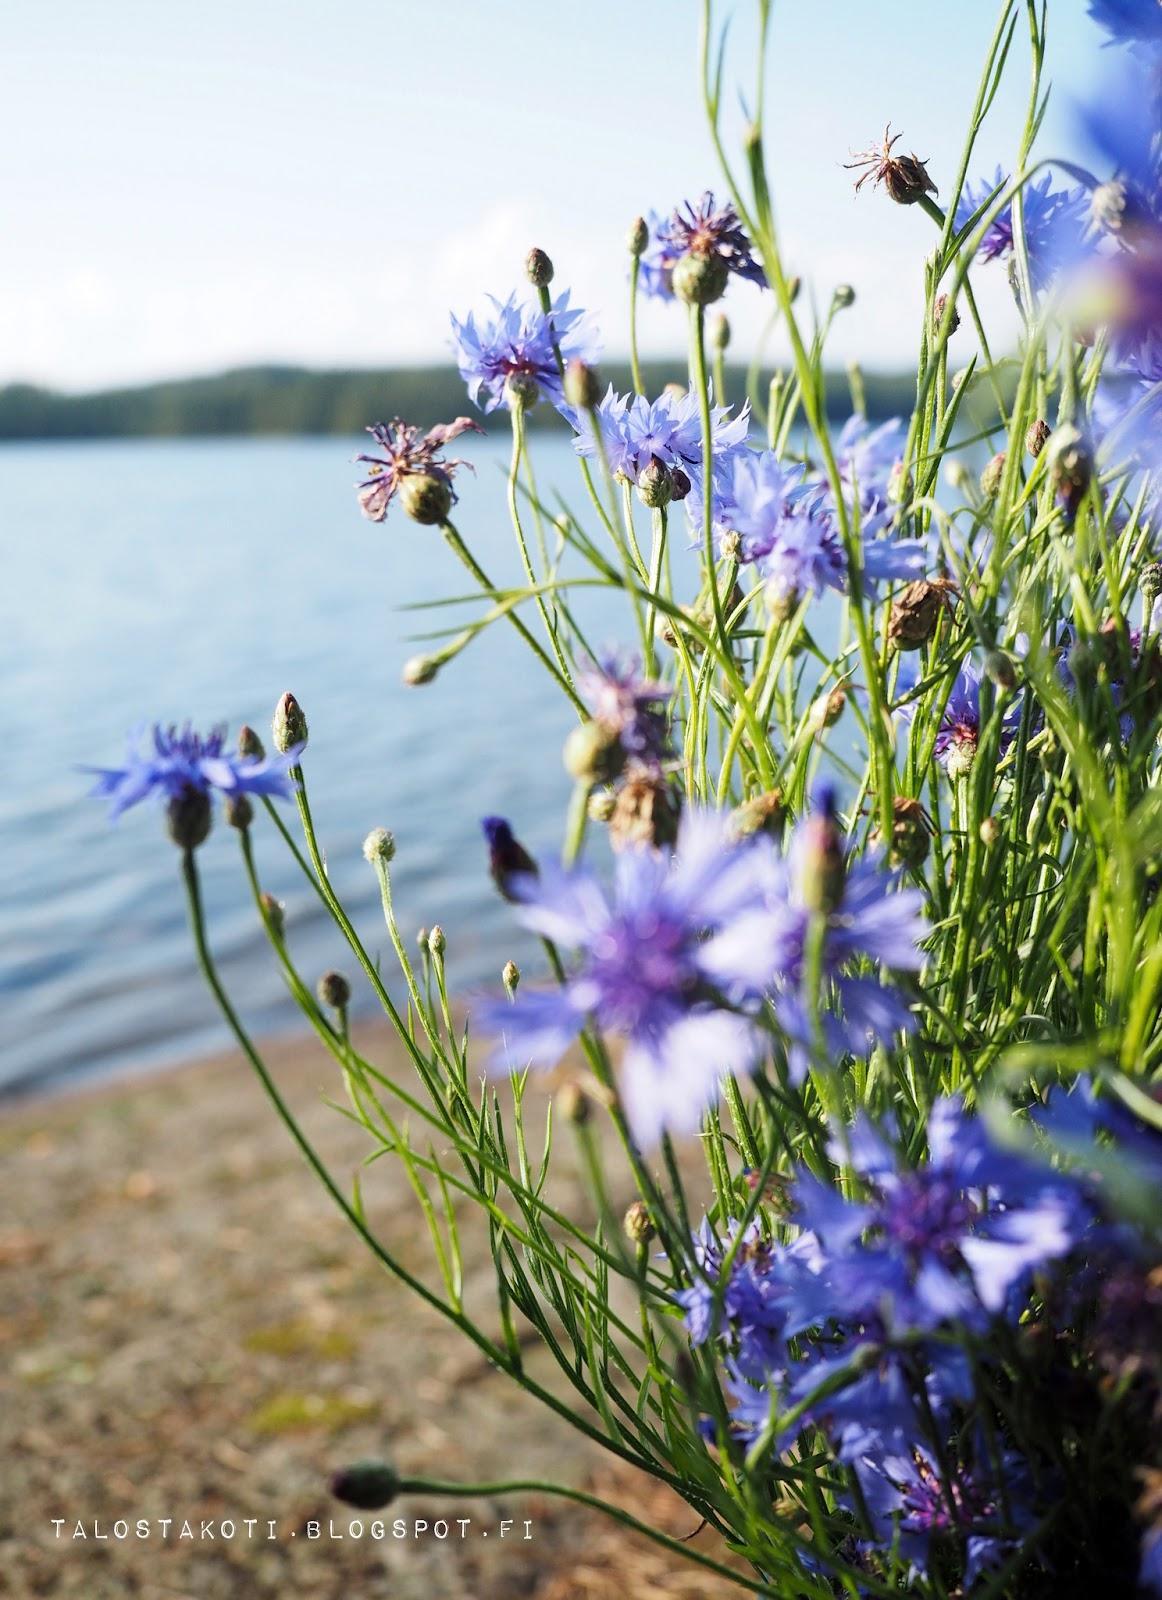 Ruiskukka, järvimaisema, kaunista